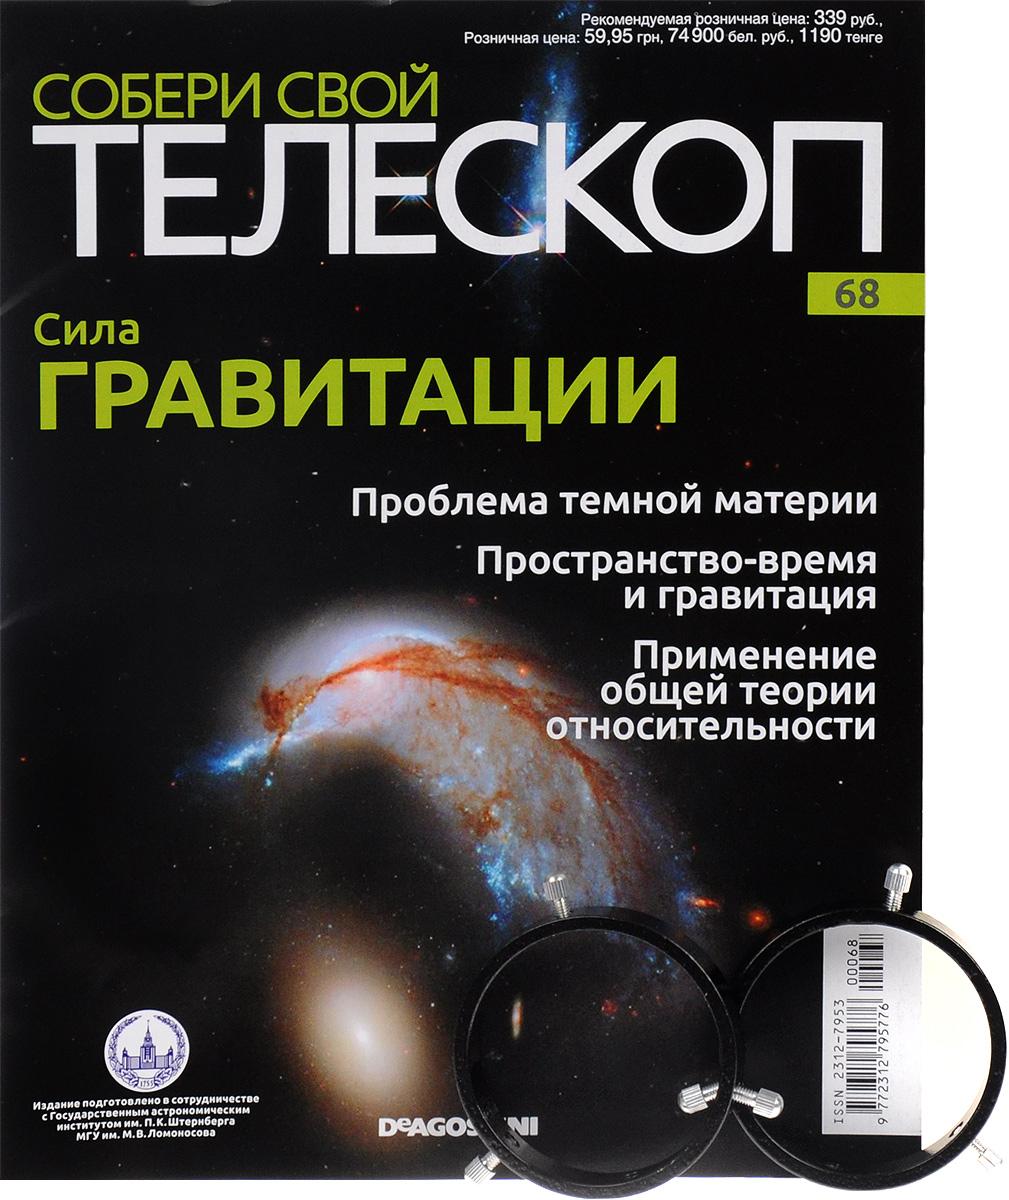 Журнал Собери свой телескоп №68TLS068Издания Собери свой телескоп станут полезным и интересным приобретением для поклонников астрономии, помогут вам в новом ракурсе увидеть и изучить небесные тела, организовать свою личную обсерваторию и получать незабываемые эмоции от познания космоса. Каждое издание серии включает в себя монографический журнал, увлекательно знакомящий читателей с отдельным небесным телом, и некоторые элементы для собираемого телескопа. Вы сможете расширить свой кругозор, приятно провести время за чтением журналов, собственноручно собрать настоящий телескоп и полноценно использовать его для изучения звездного неба. К данному номеру прилагаются металлические крепежные кольца искателя 9х50. Тема номера - Сила гравитации. Диаметр колец: 6,7 см. Категория 12+.